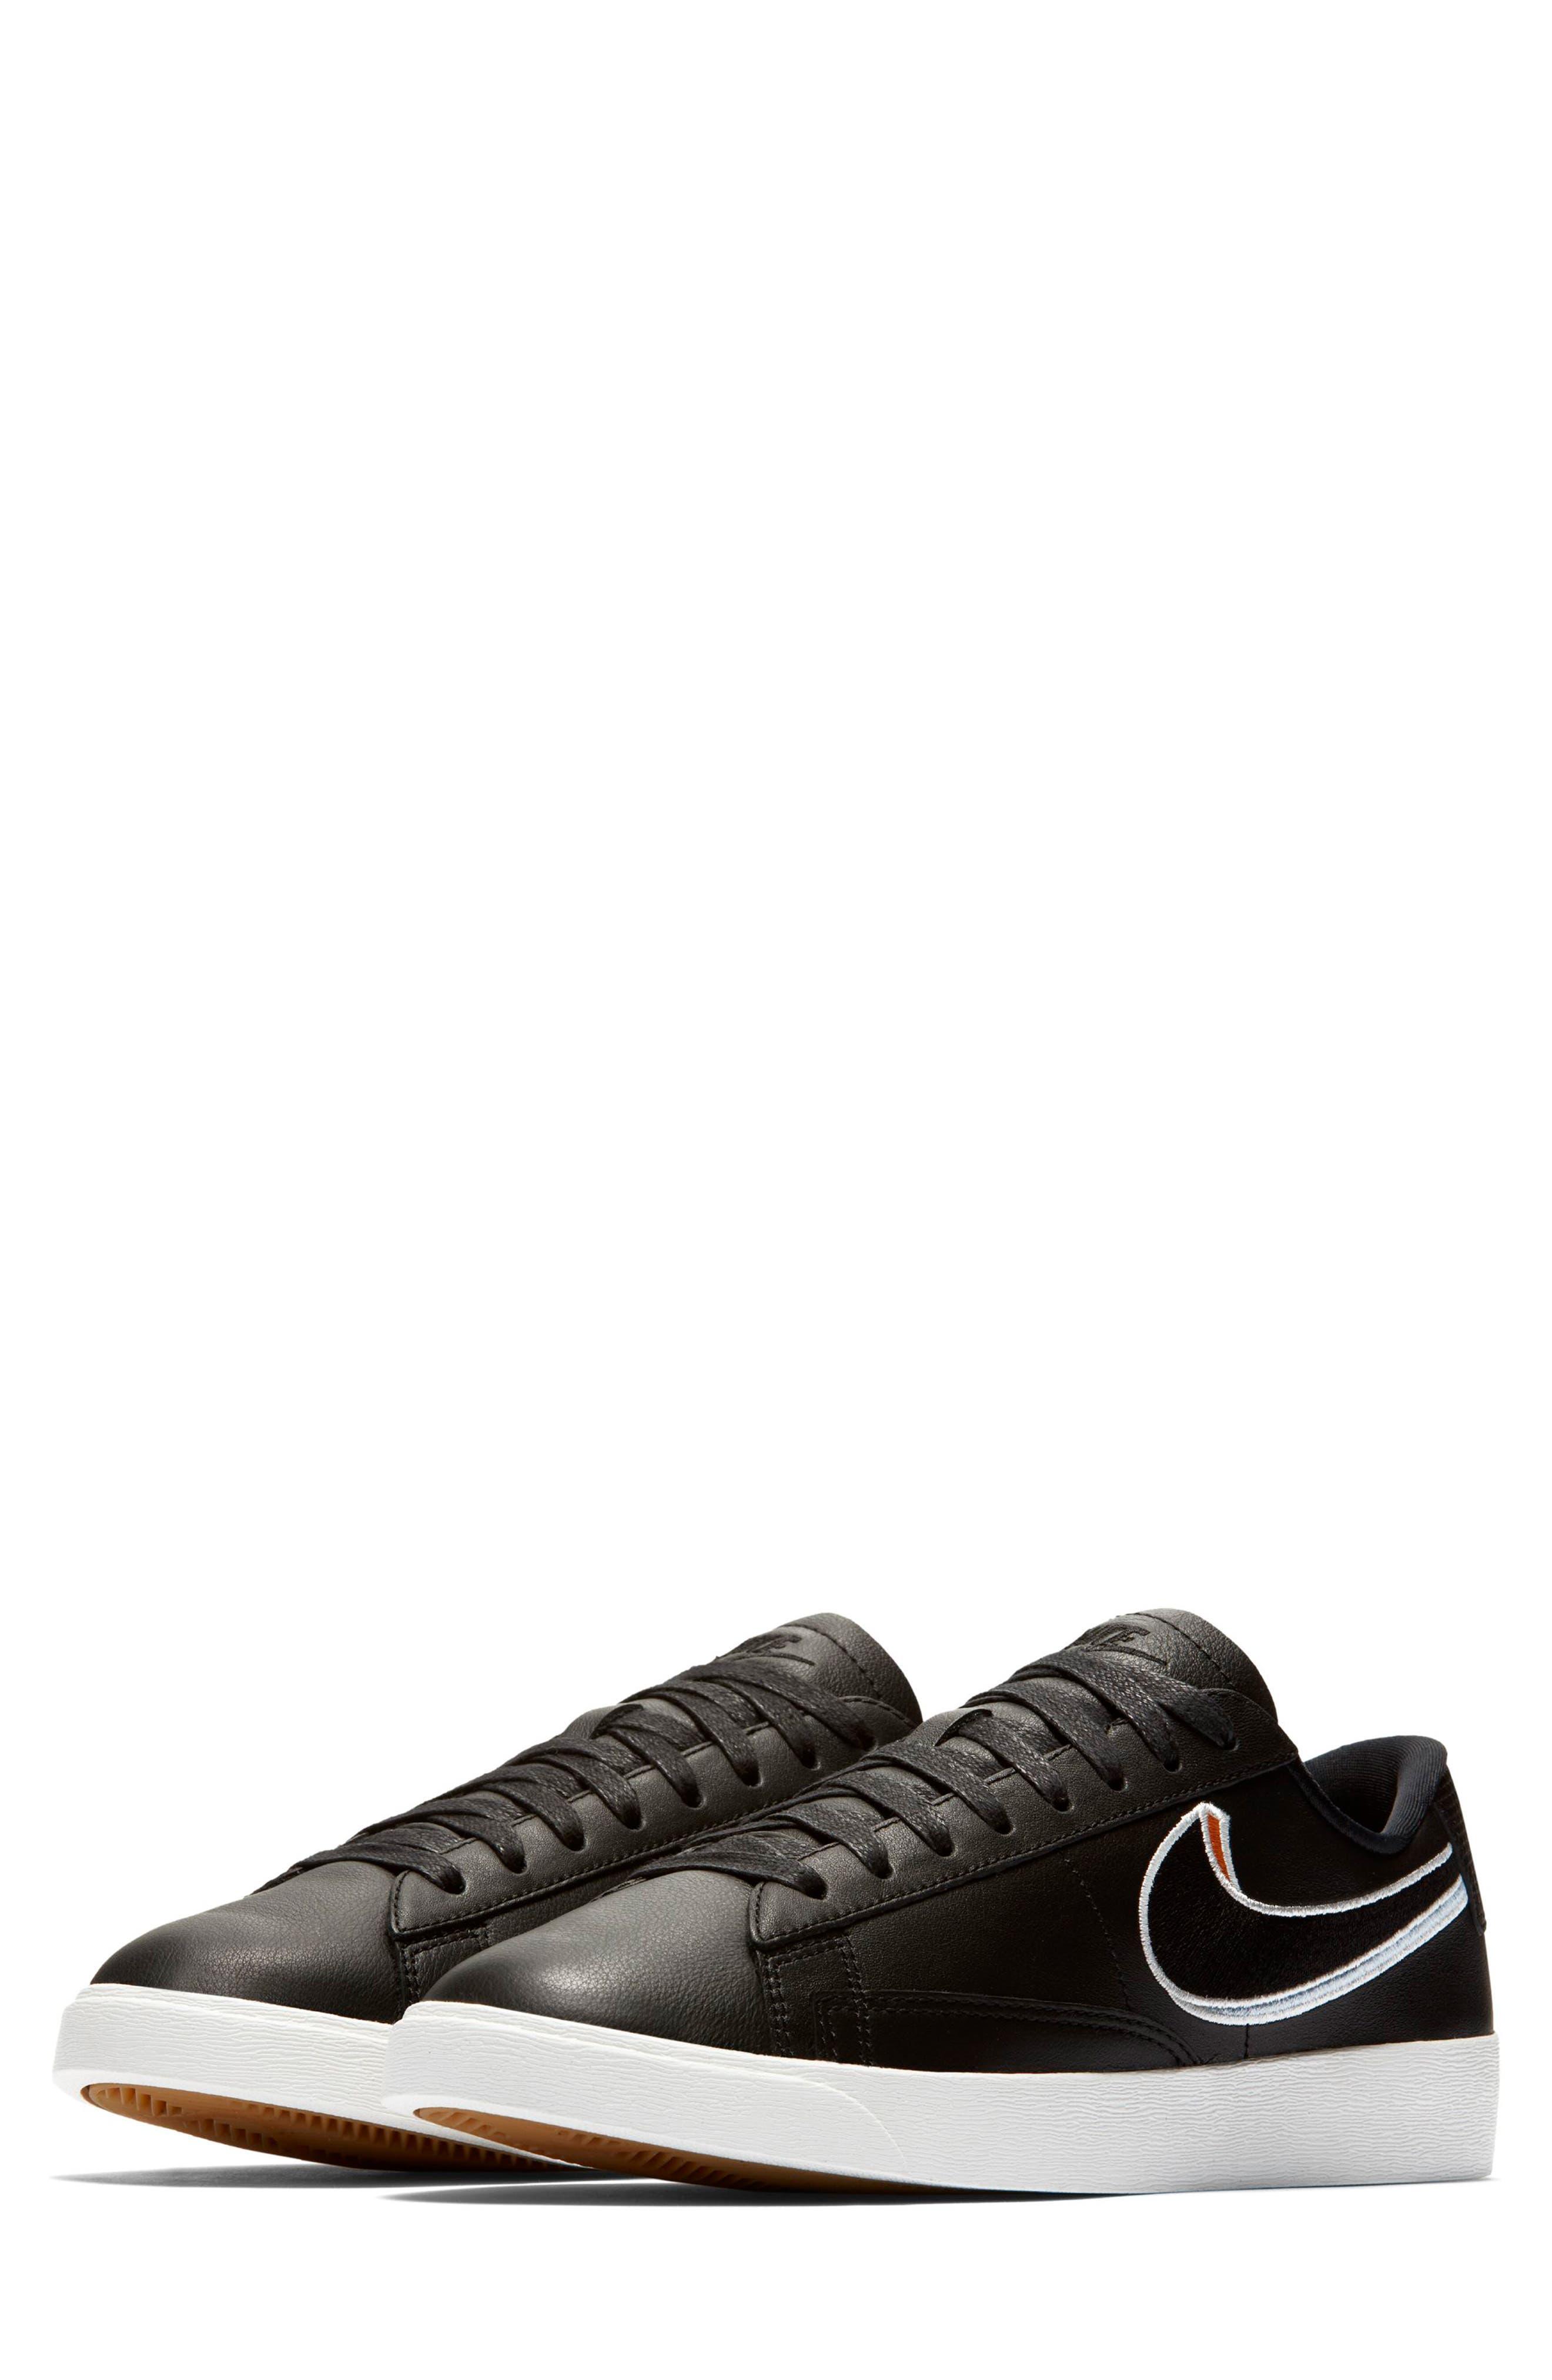 Blazer Low LX Sneaker,                         Main,                         color, BLACK/ ROYAL TINT/ MONARCH